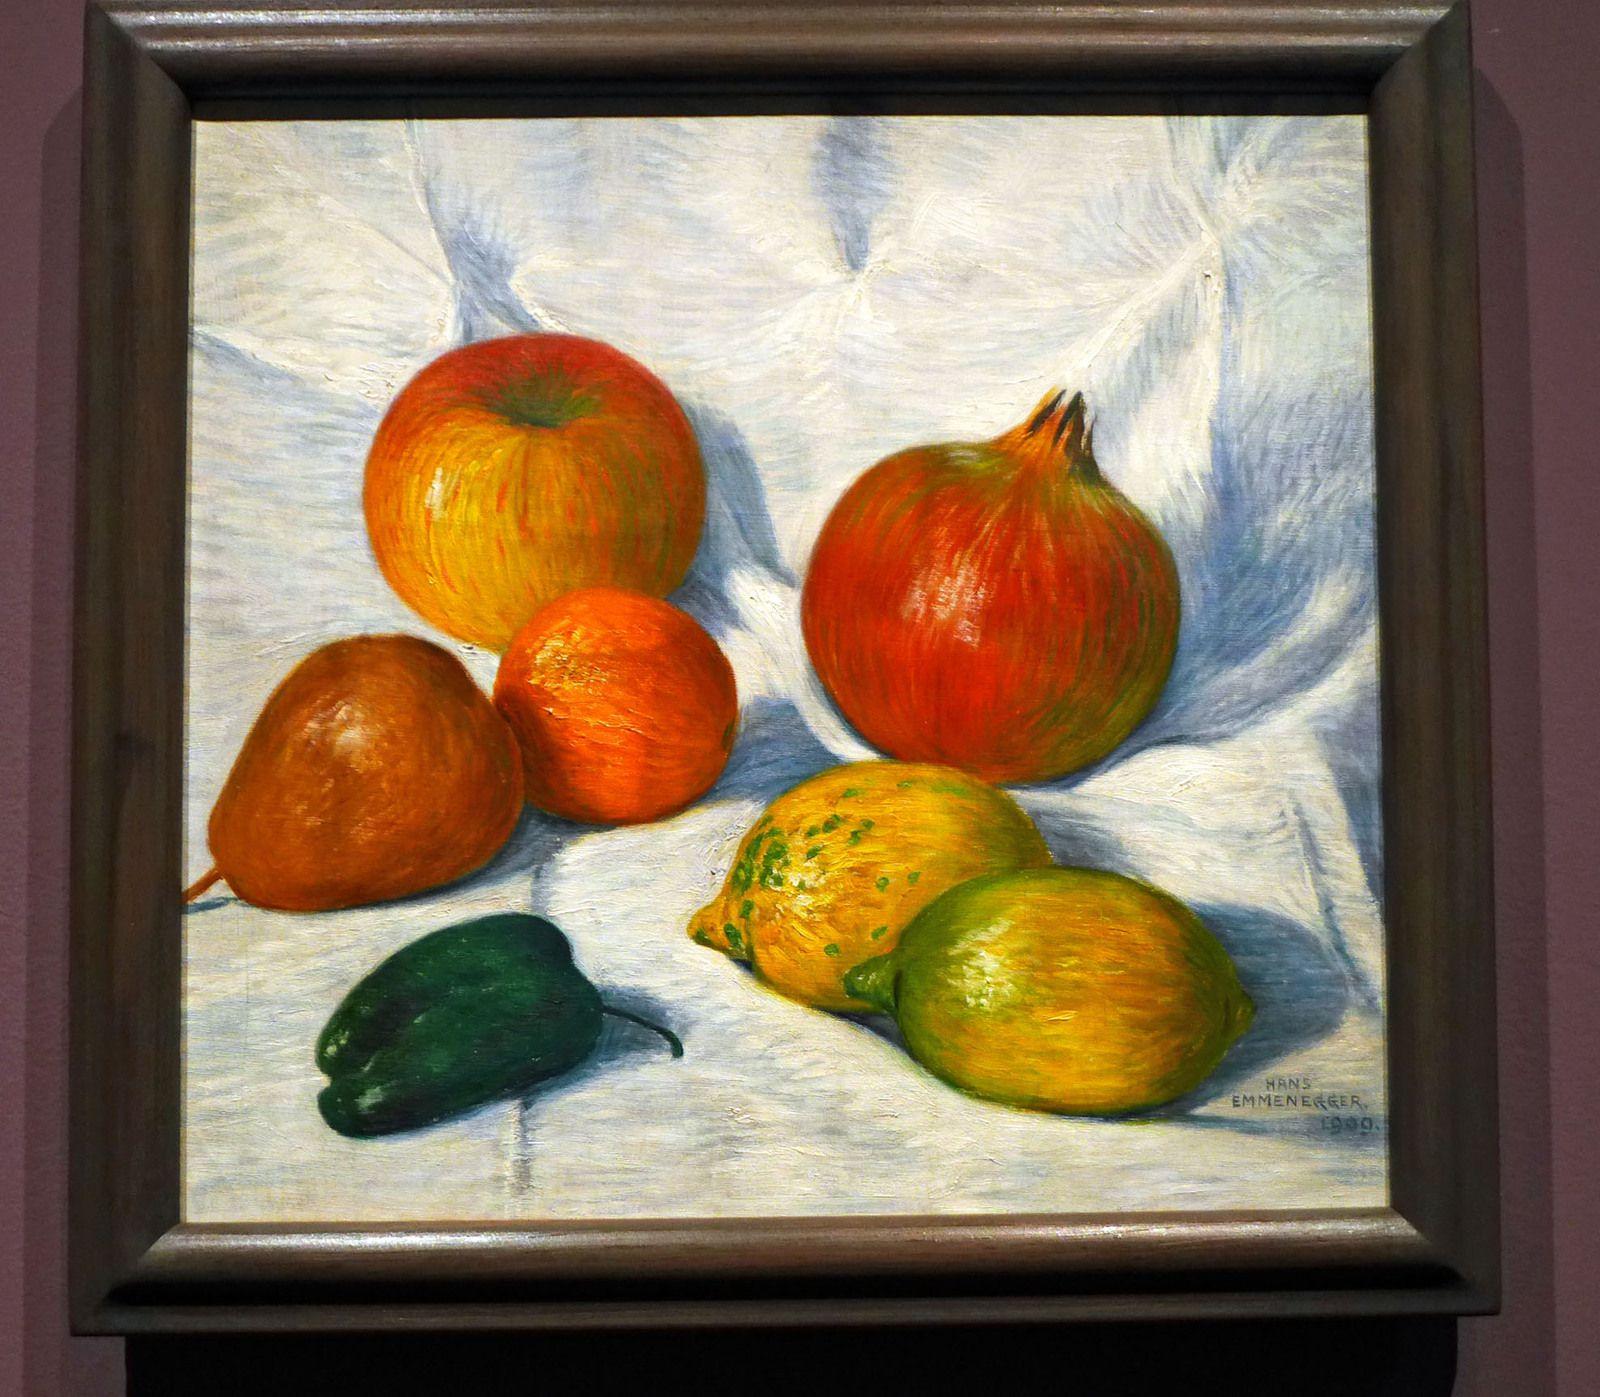 Hans EMMENEGGER, Fruits (1909), huile sur toile. Emmenbrücke, Sammlung Gemeinde Emmen.